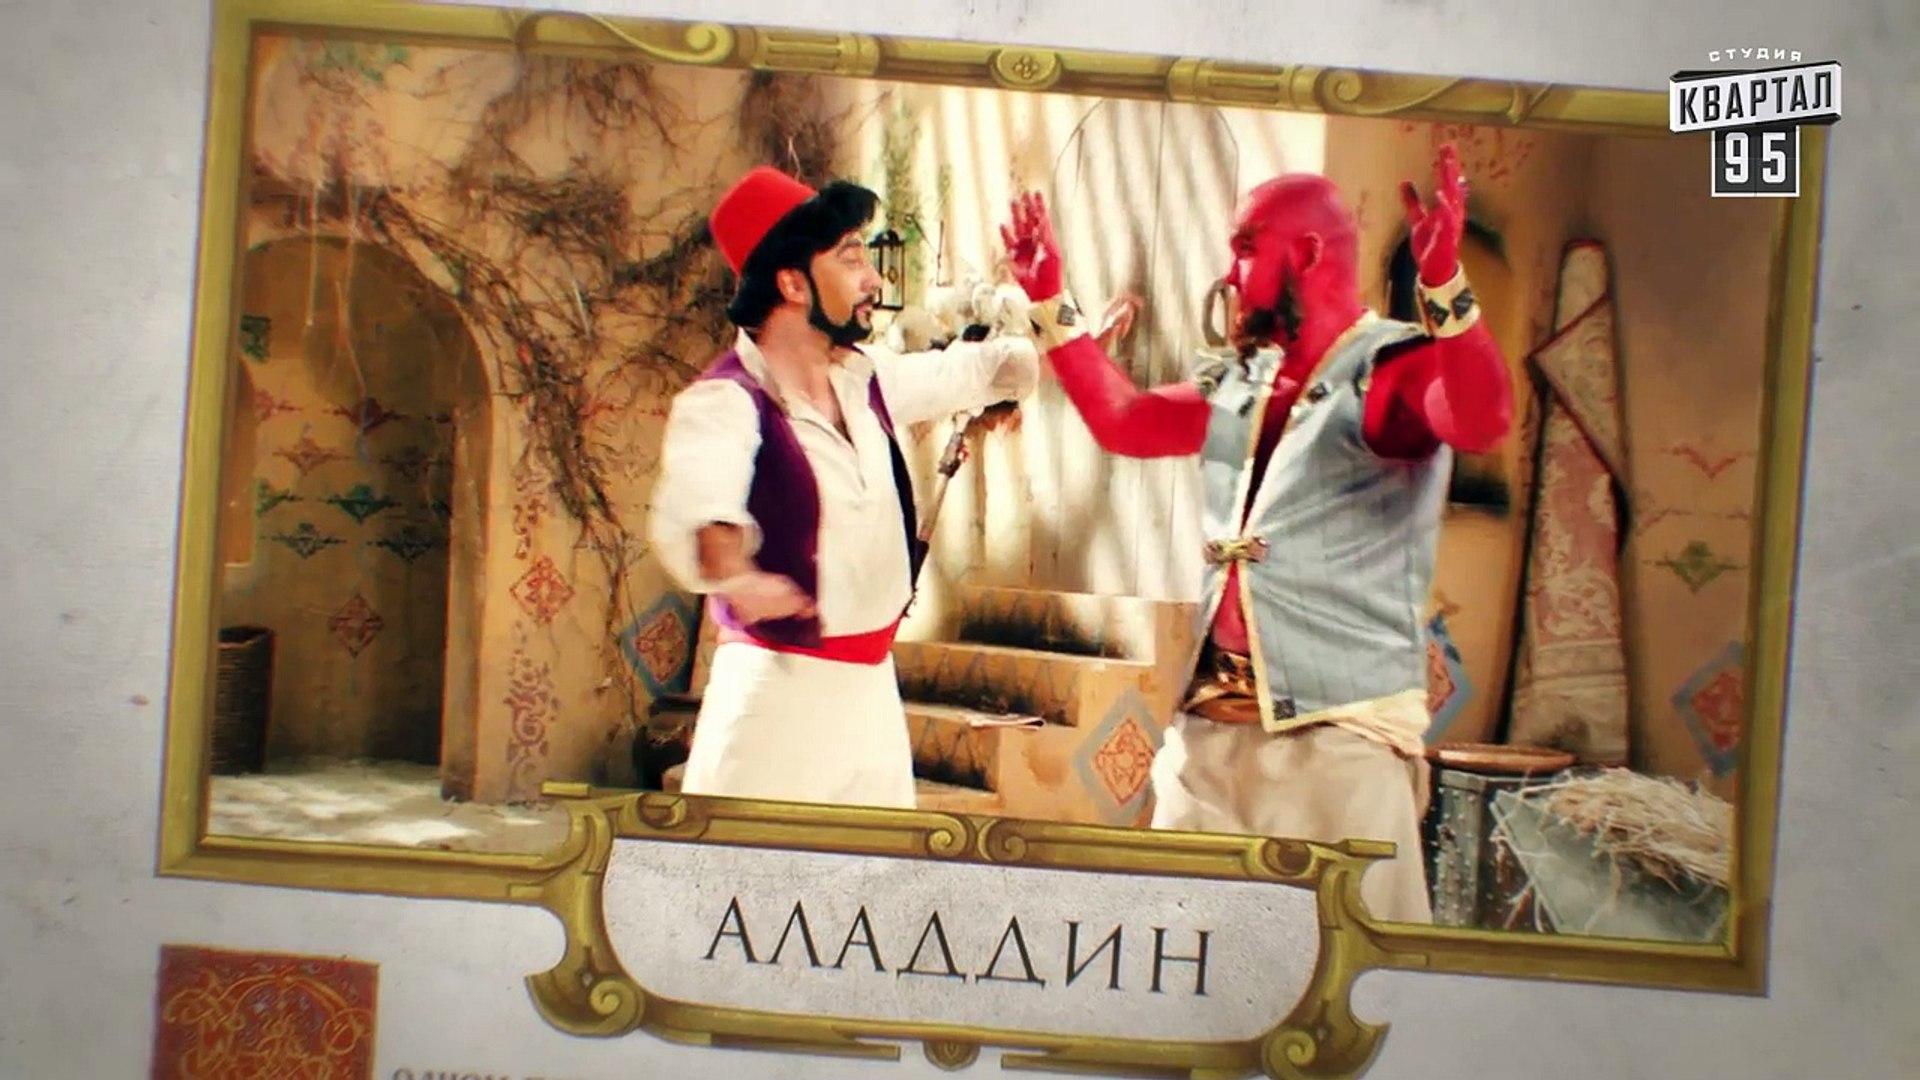 Иван Всемогущий - пародия на Брюс Всемогущий - Сказки У в Кино, комедия 2017